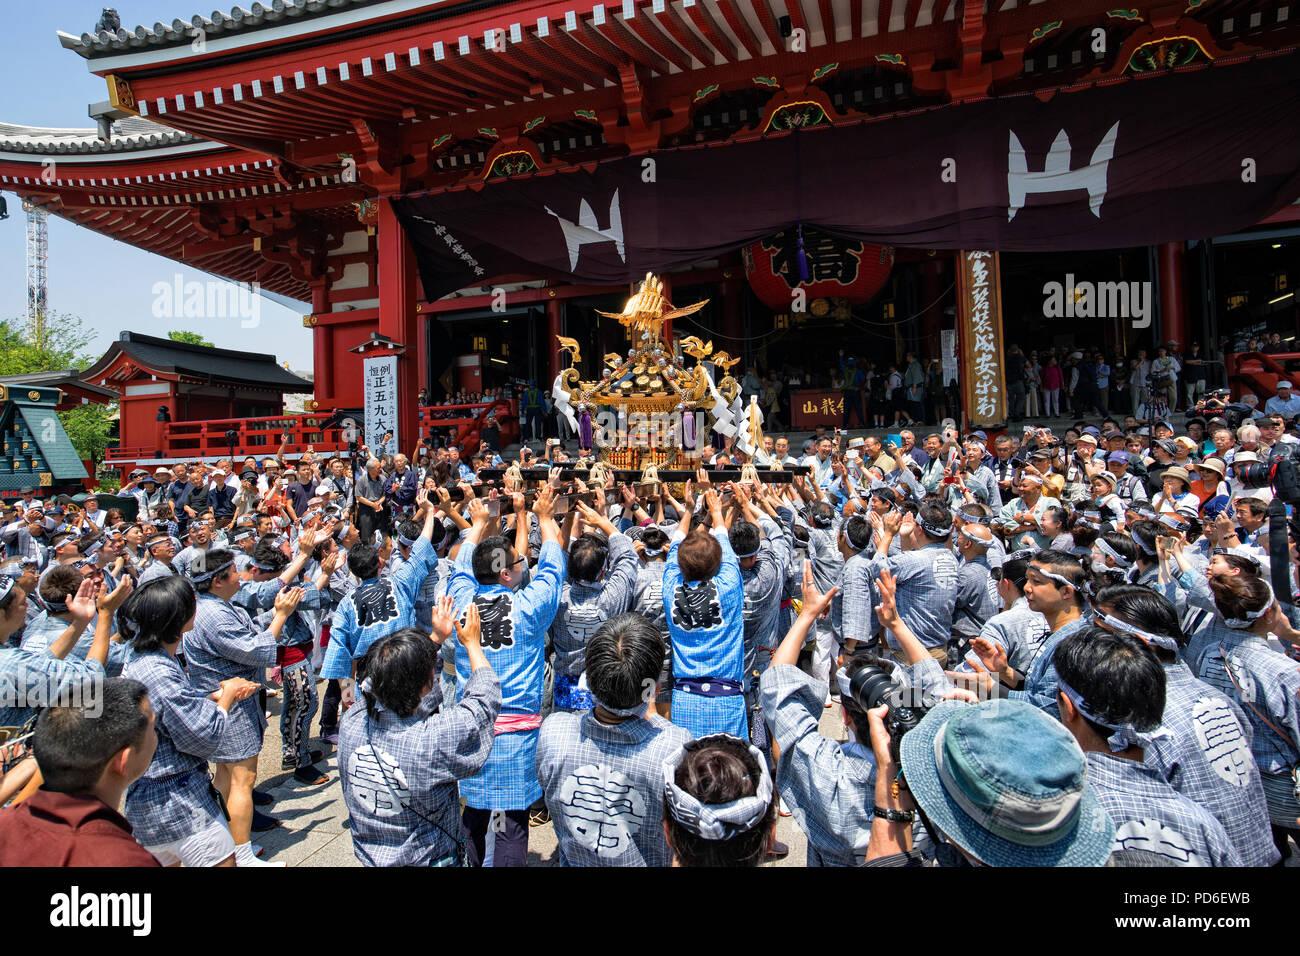 Japan, Honshu island, Kanto, Tokyo, the Sanja matsuri. Stock Photo